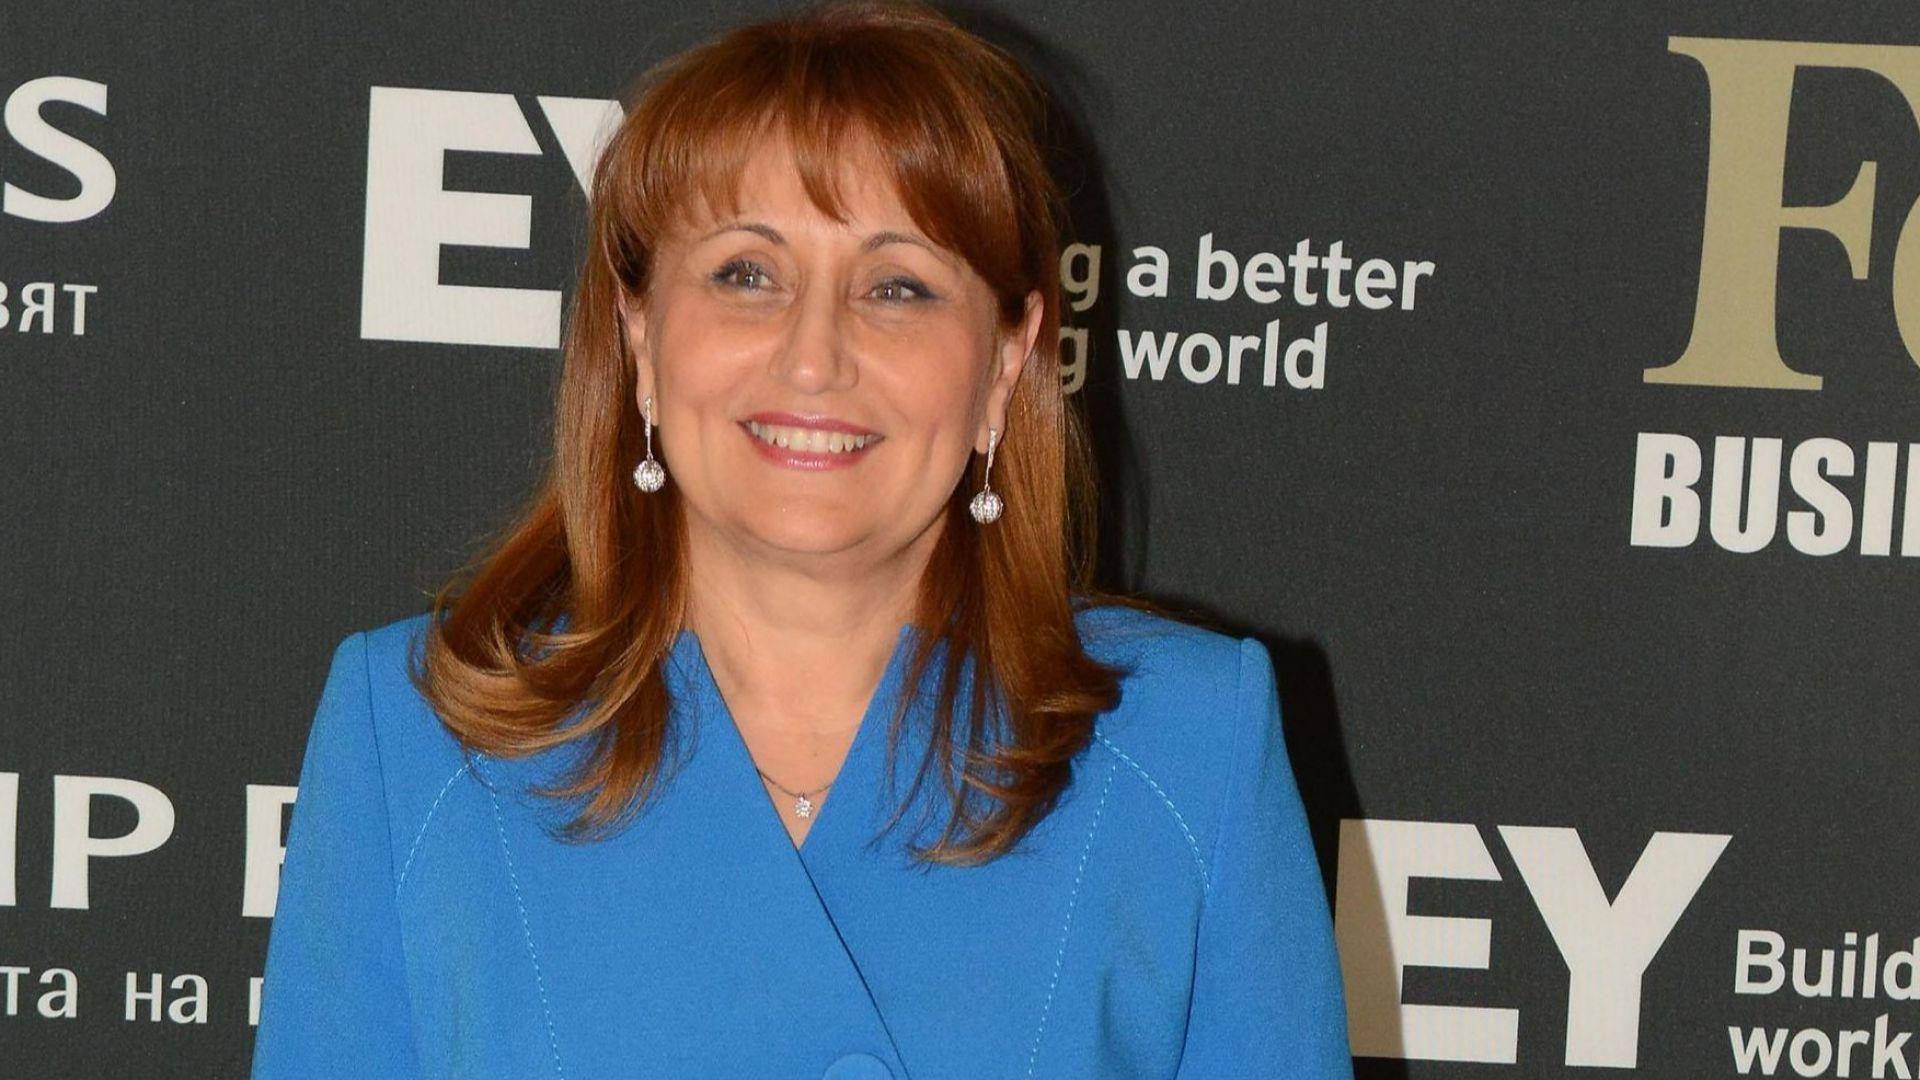 Лидия Шулева: Бързата реакция е най-важна в кризисна ситуация